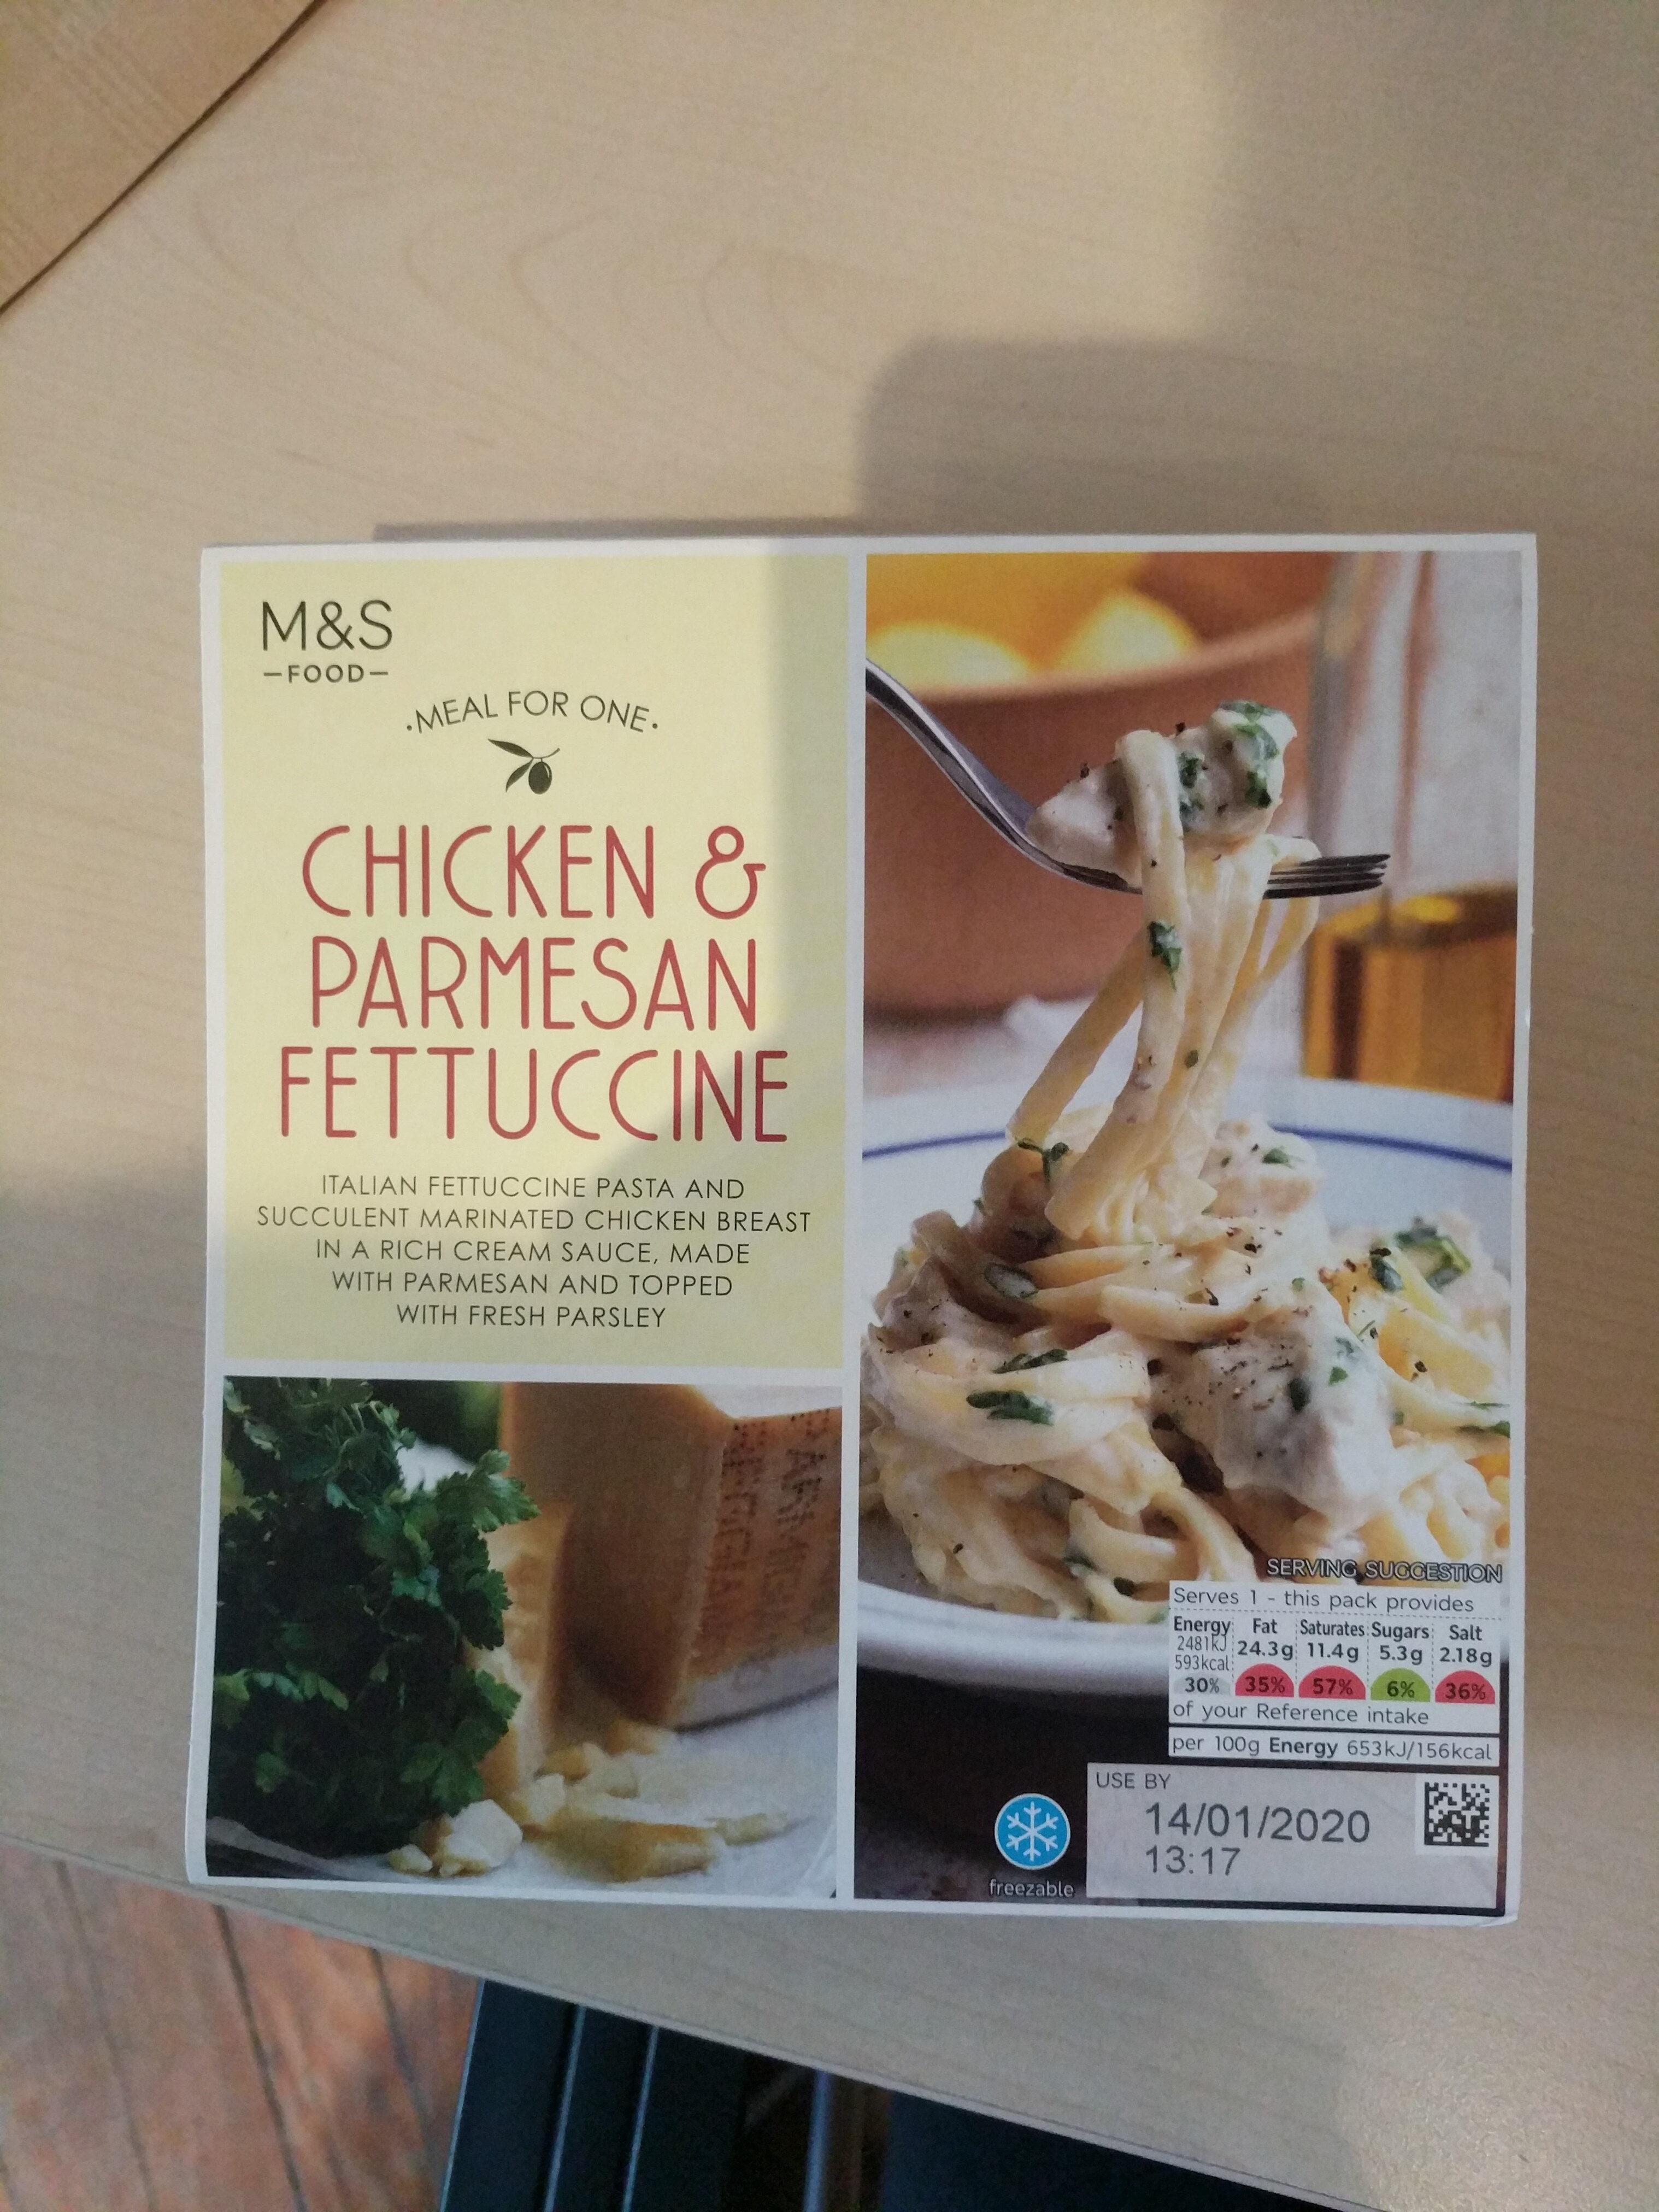 Chicken & Parmesan Fettuccine - Product - en